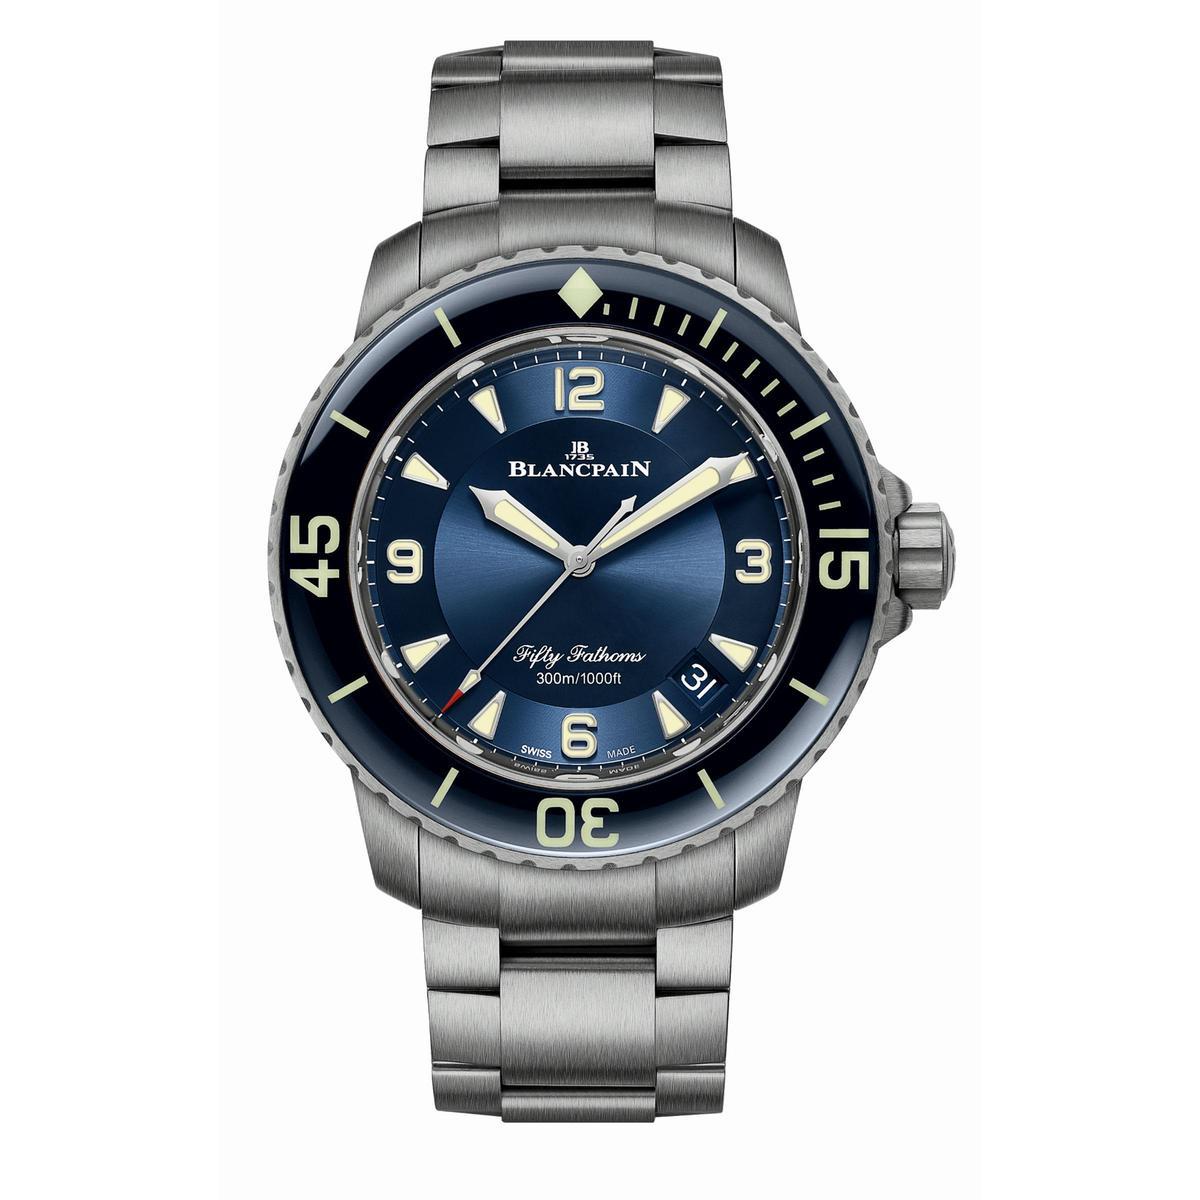 5015大三針日期腕錶新款,45mm鈦金屬錶殼配上鈦金屬鏈帶,定價NT$582,000。